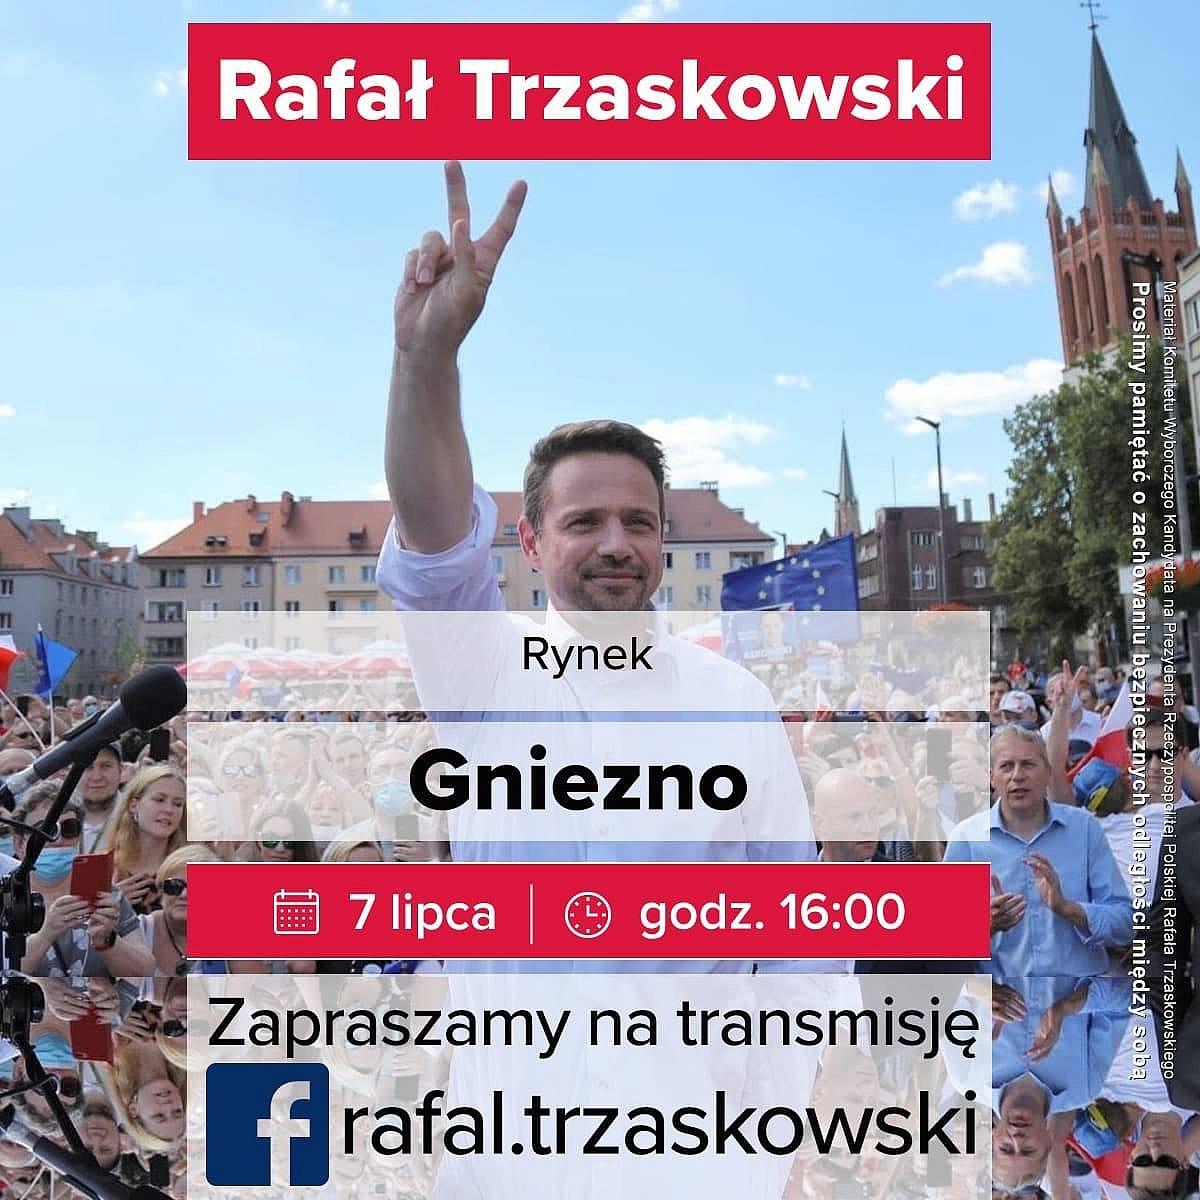 Rafał Trzaskowski odwiedzi Gniezno